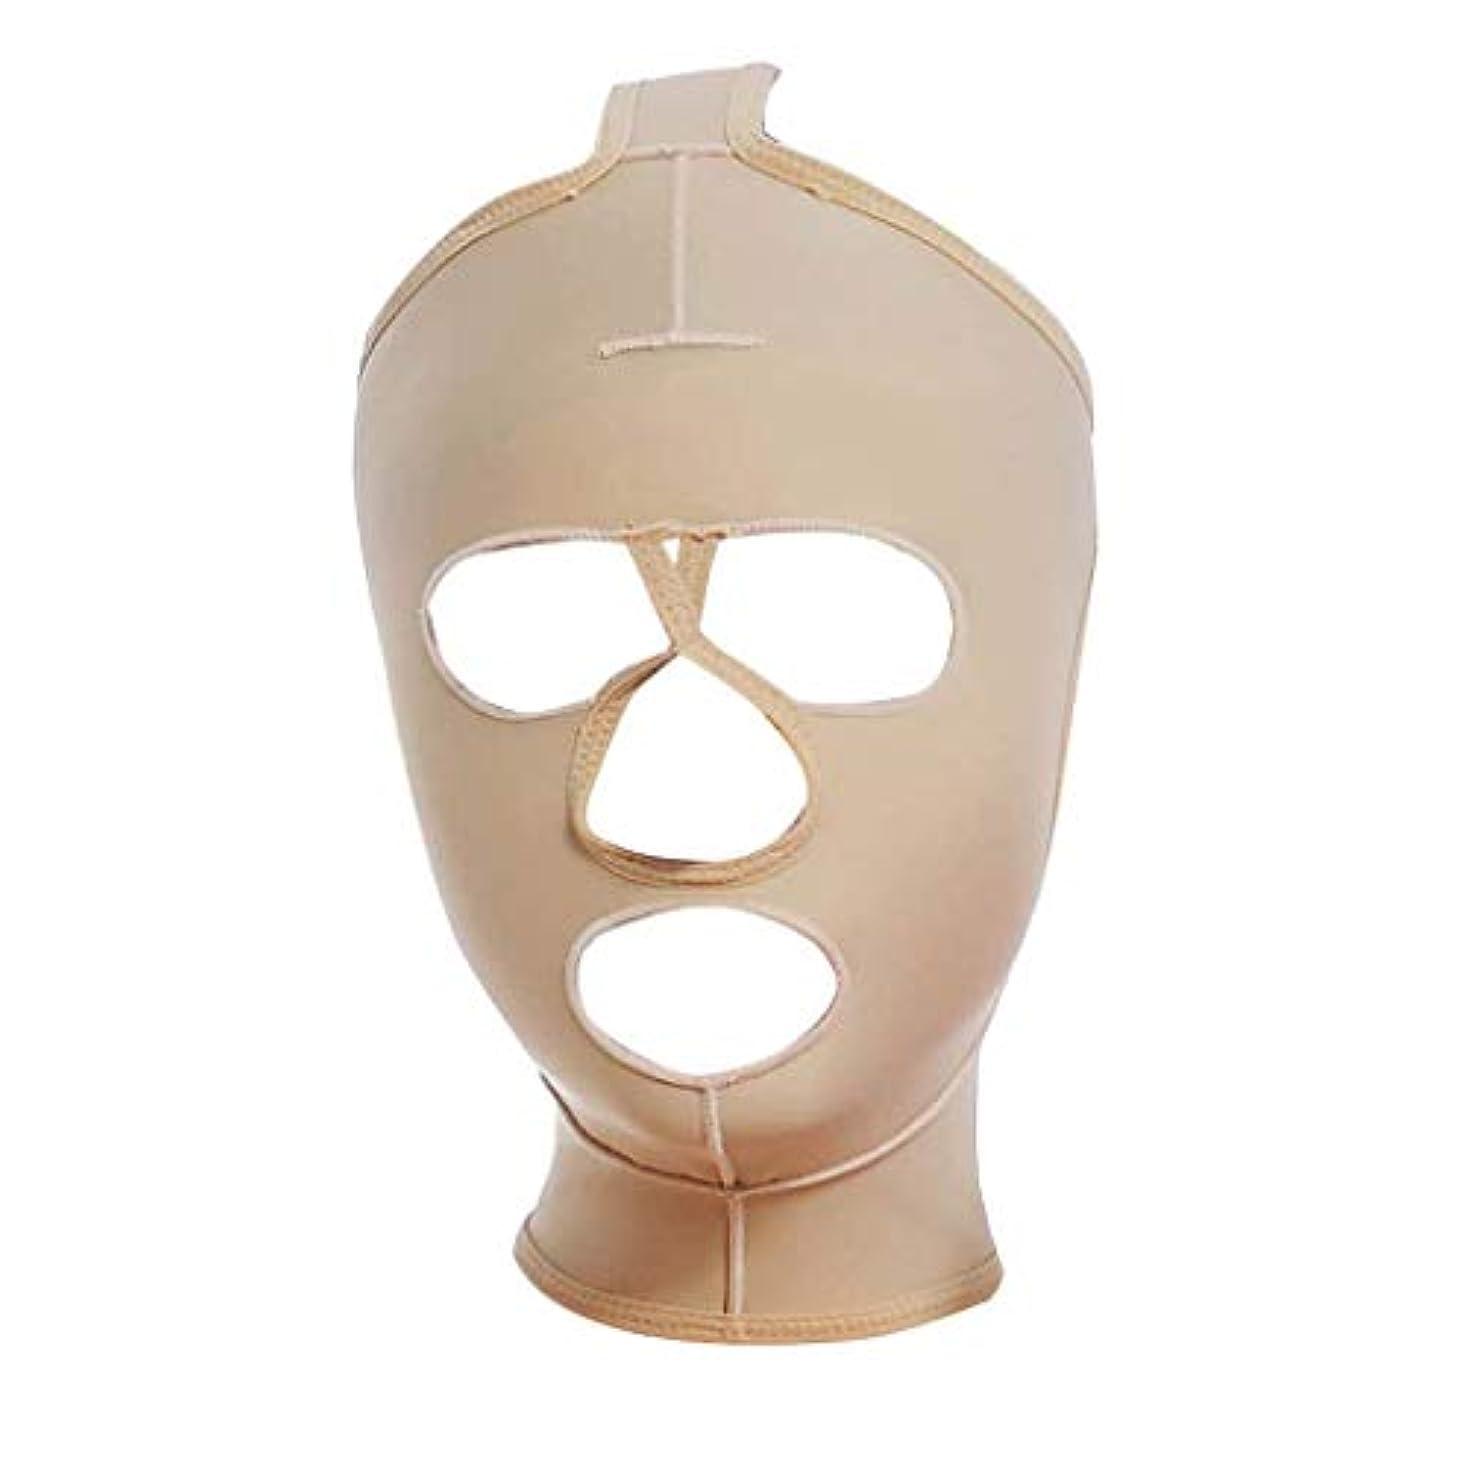 ハム打ち負かす略奪フェイス&ネックリフト、減量フェイスマスク脂肪吸引術脂肪吸引術整形マスクフードフェイスリフティングアーティファクトVフェイスビームフェイス弾性スリーブ(サイズ:XXL),S